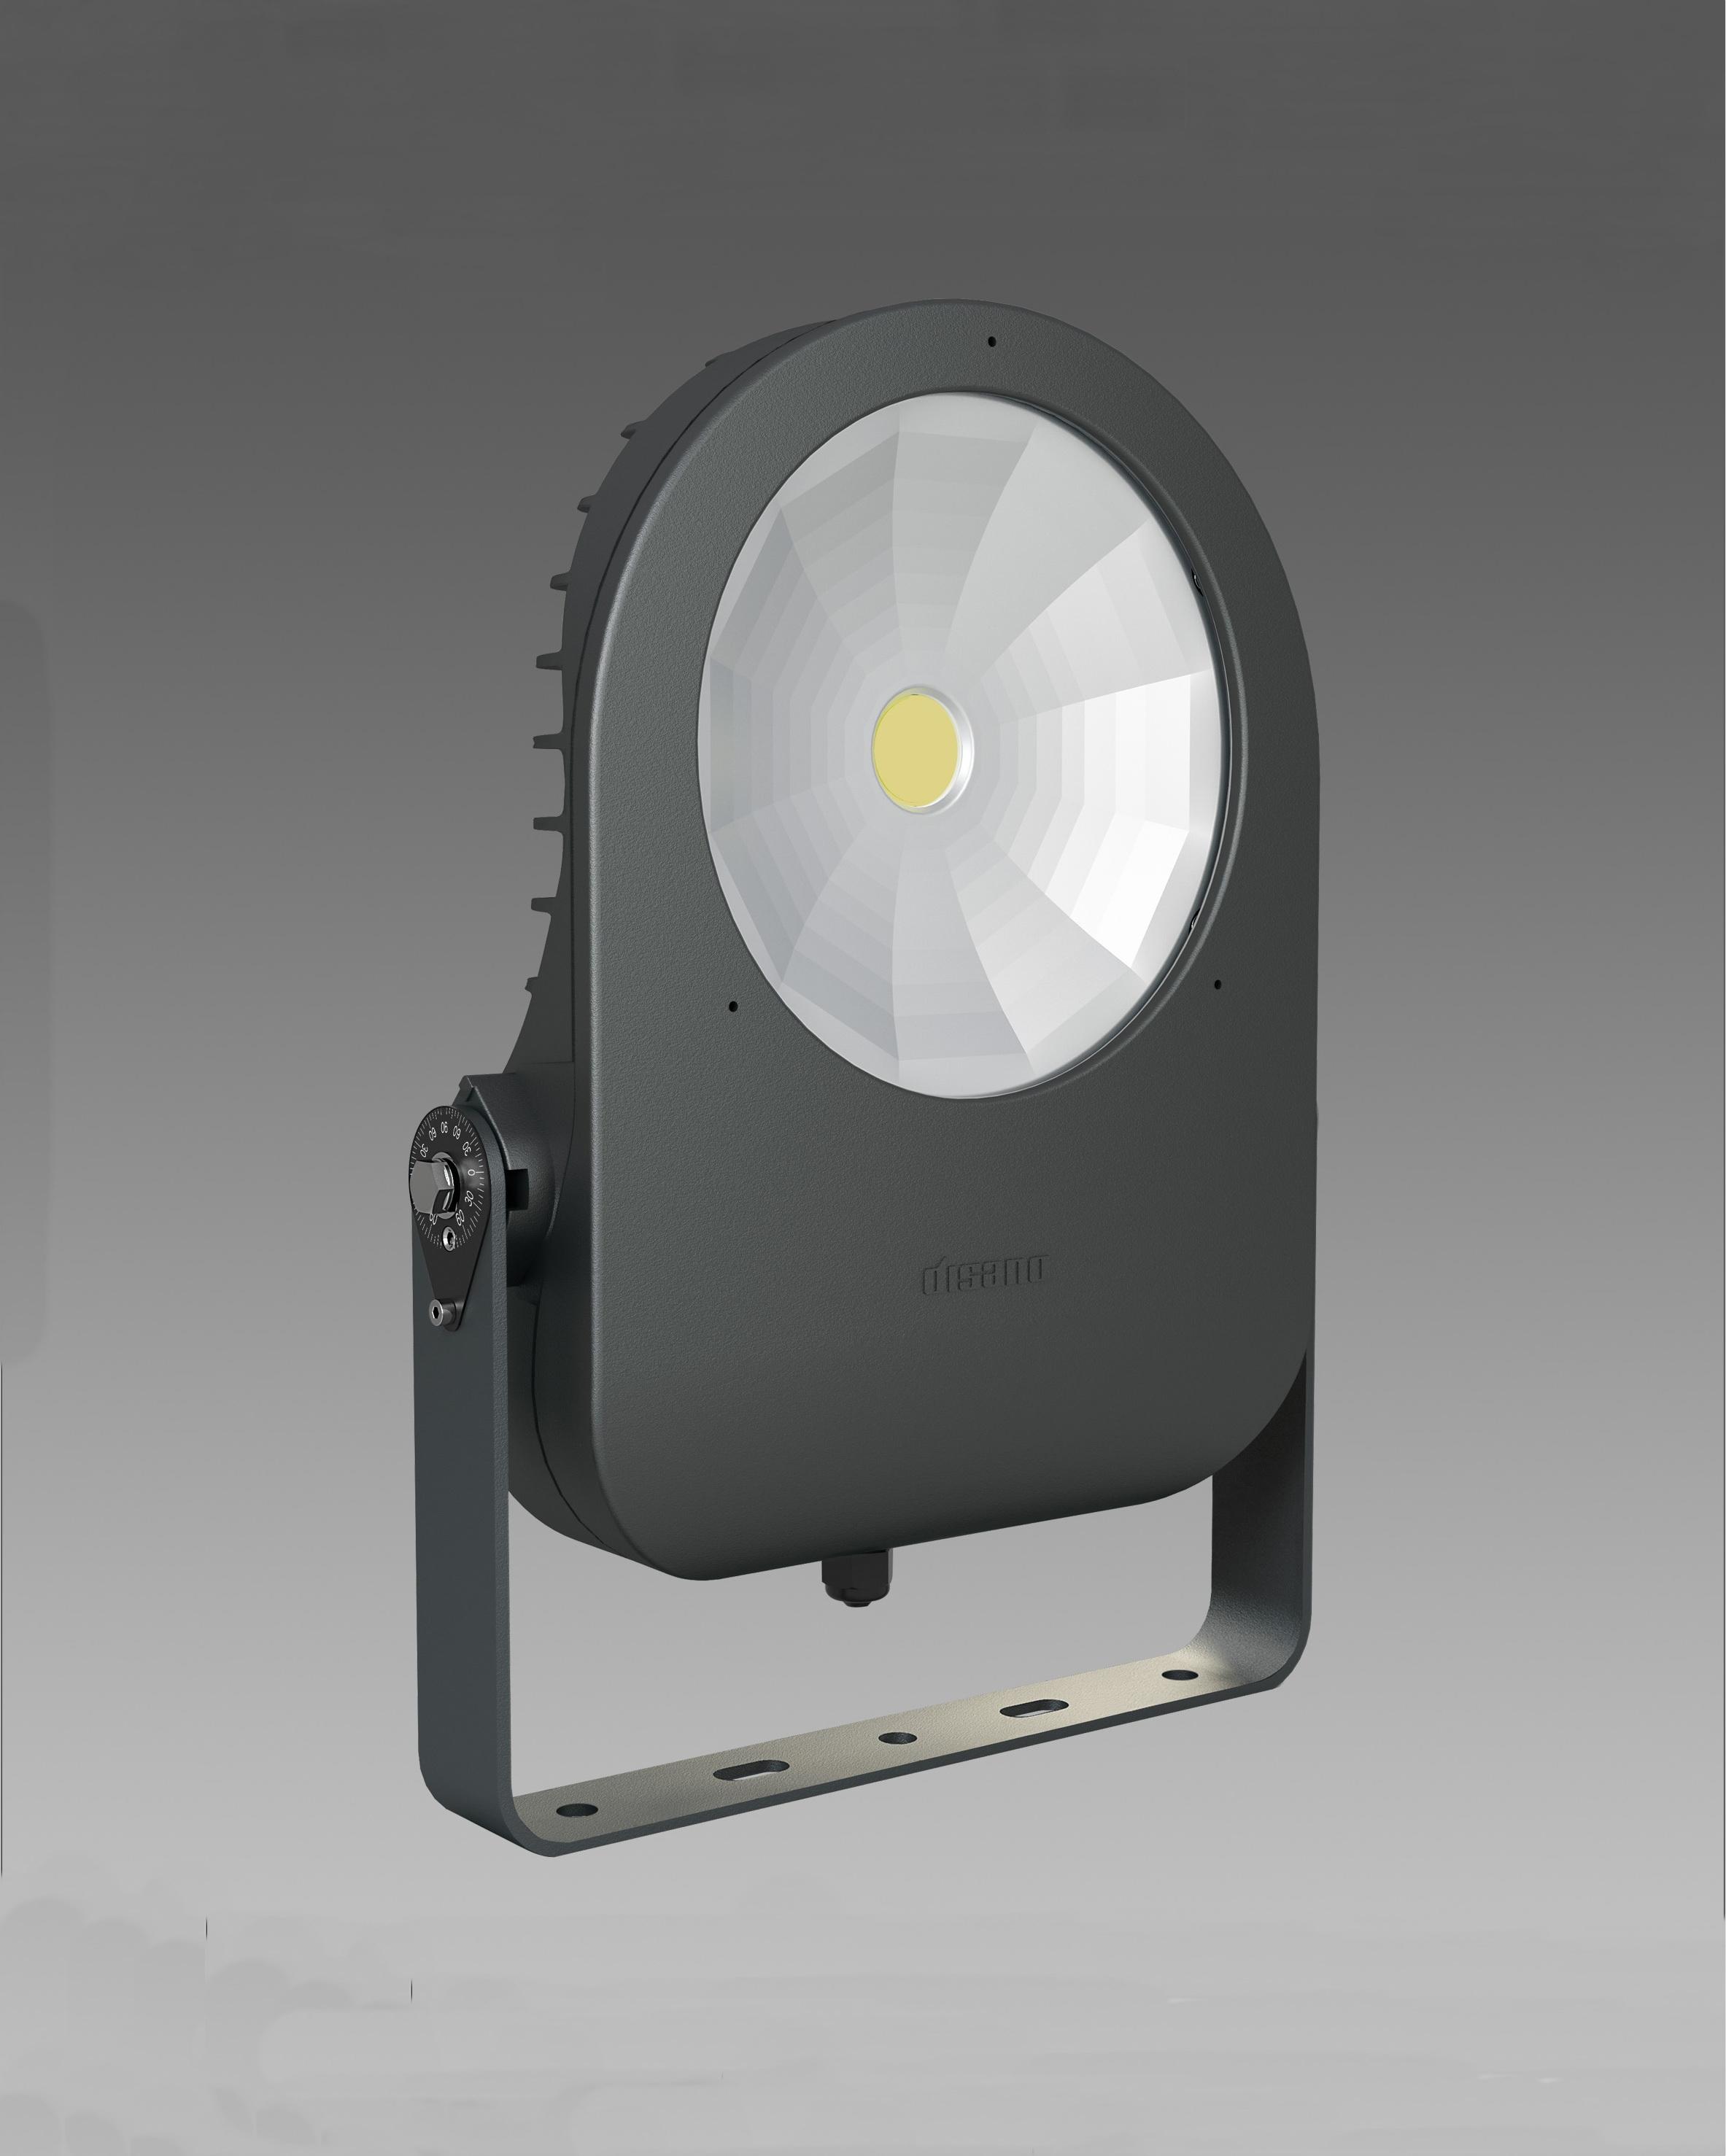 Proiector LED Cripto